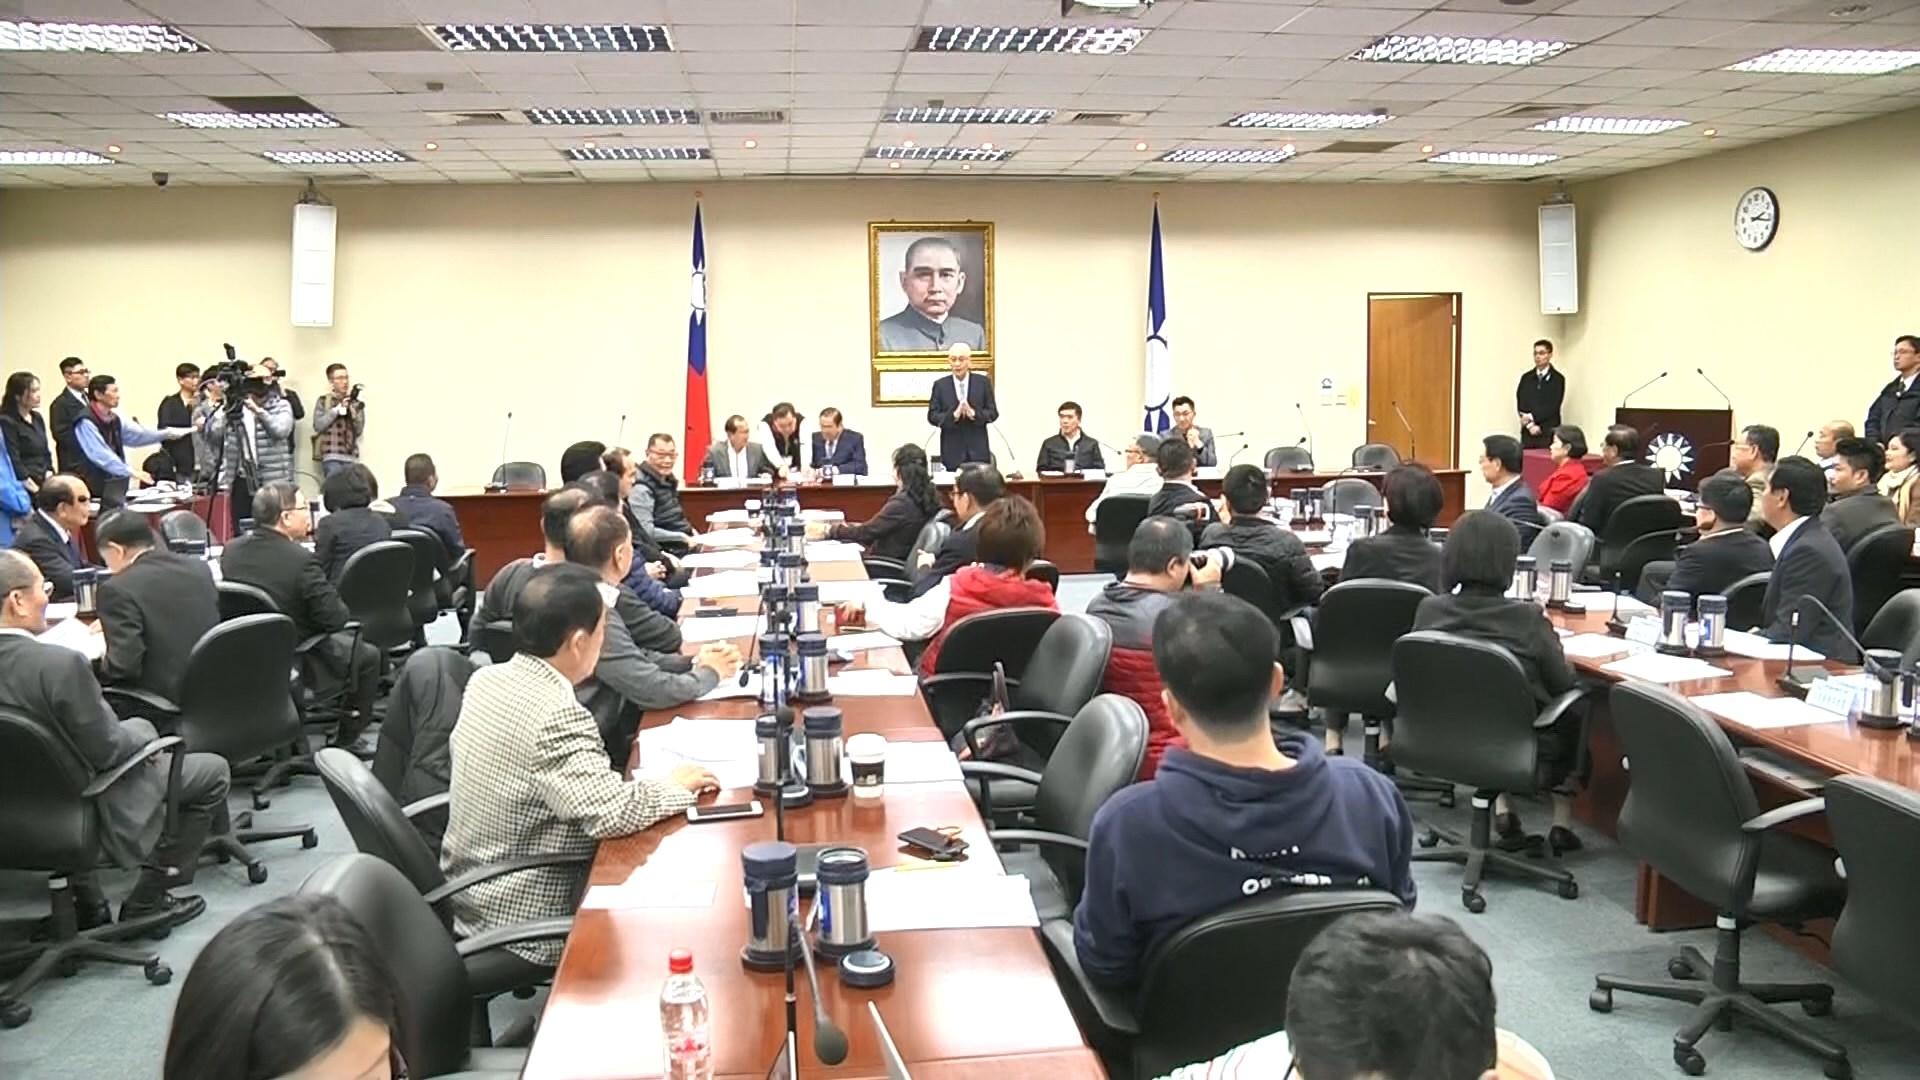 台灣國民黨延遲總統提名作業程序